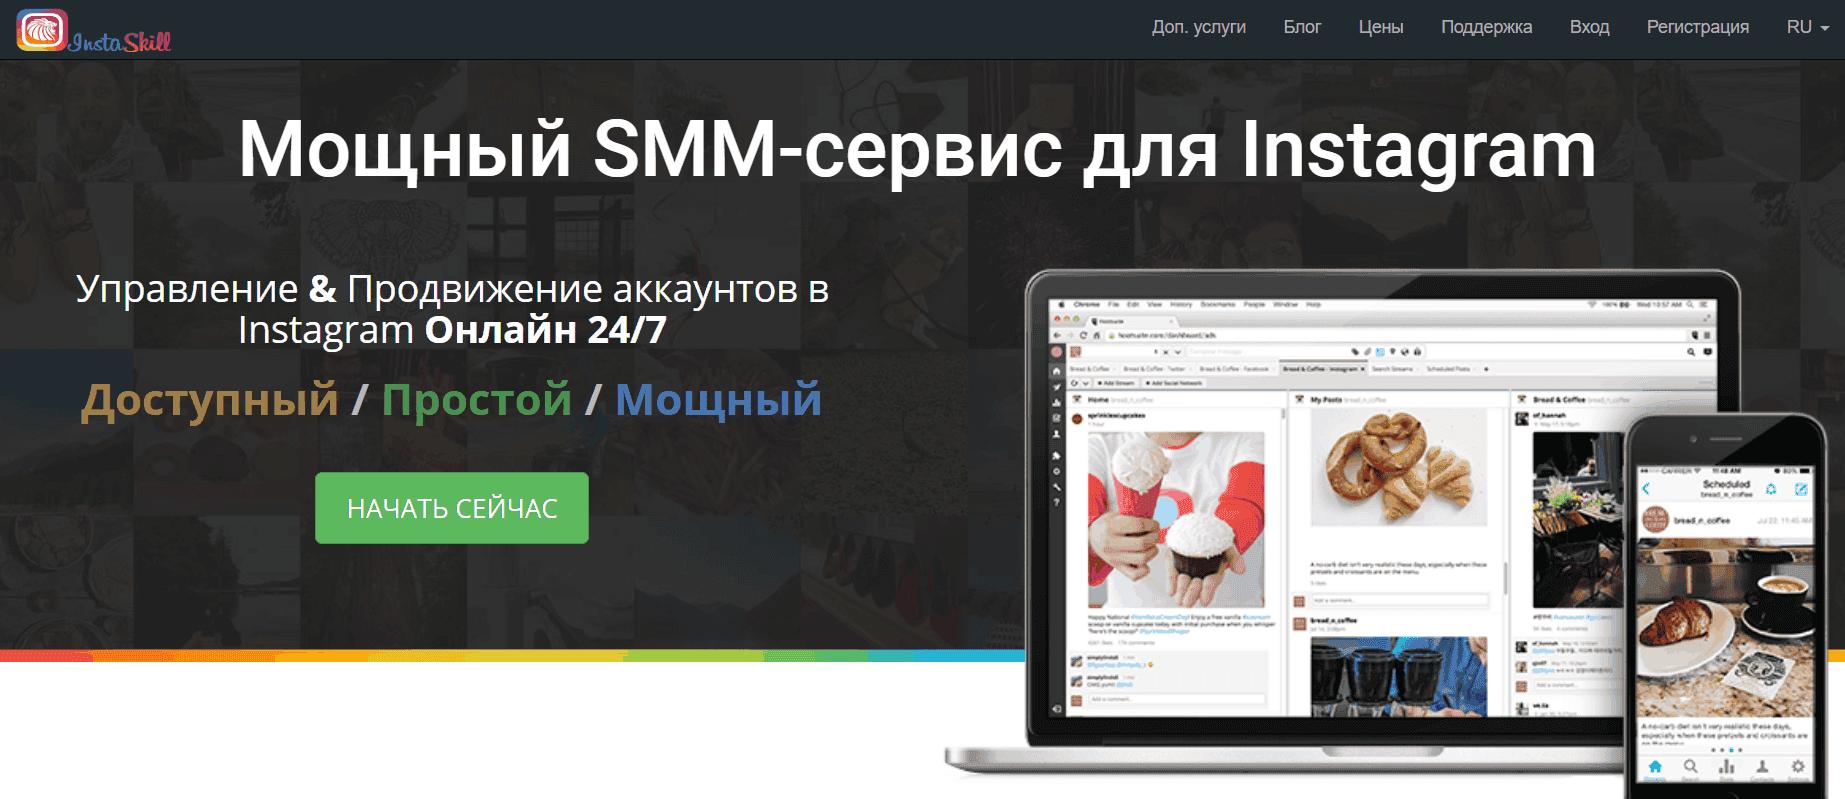 онлайн інстаграм